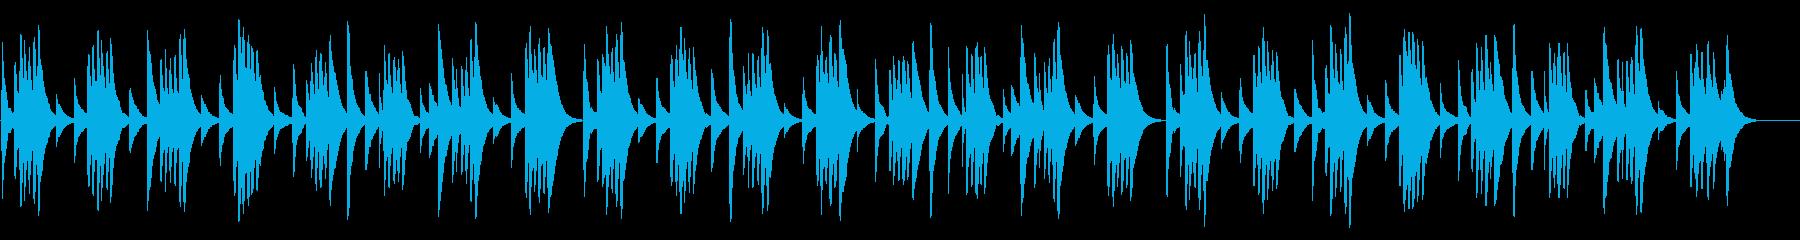 いつくしみ深き 18弁オルゴールの再生済みの波形